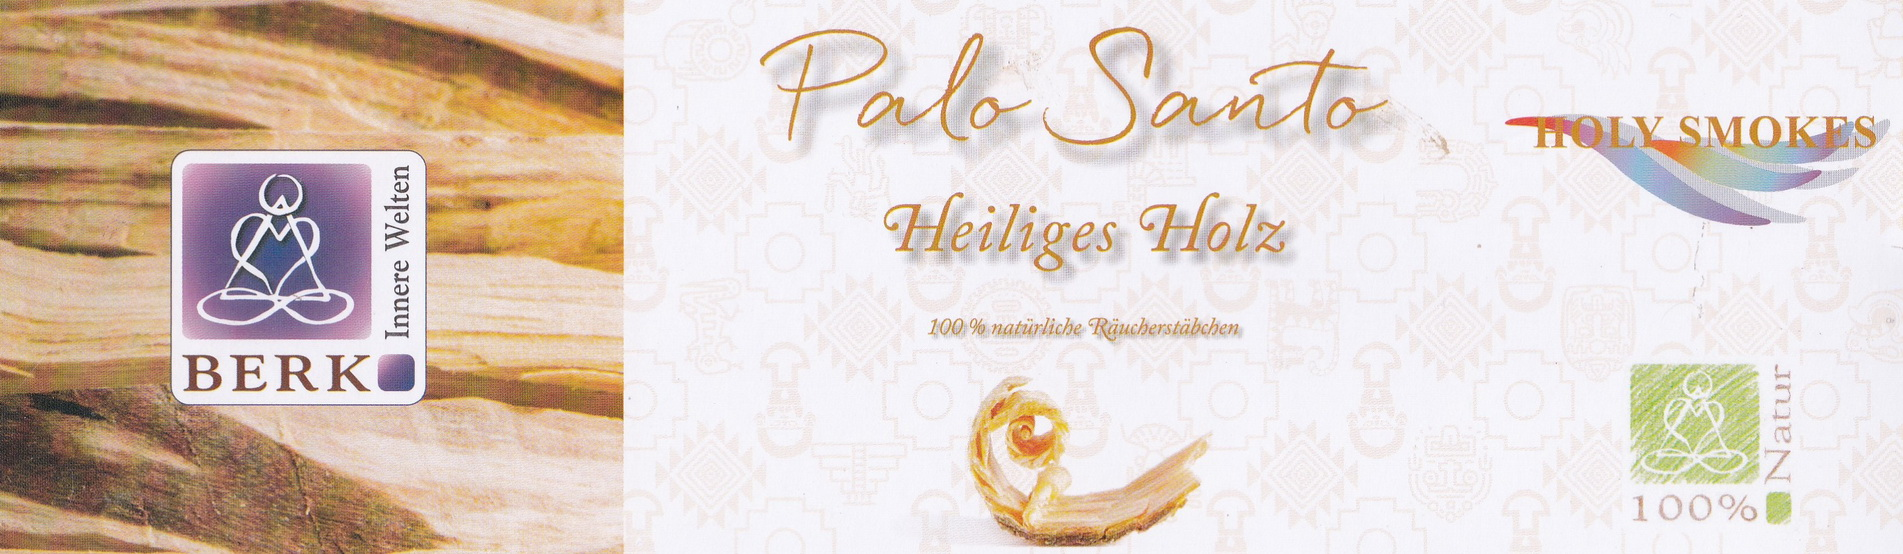 Holy Smokes Palo Santo Räucherstäbchen